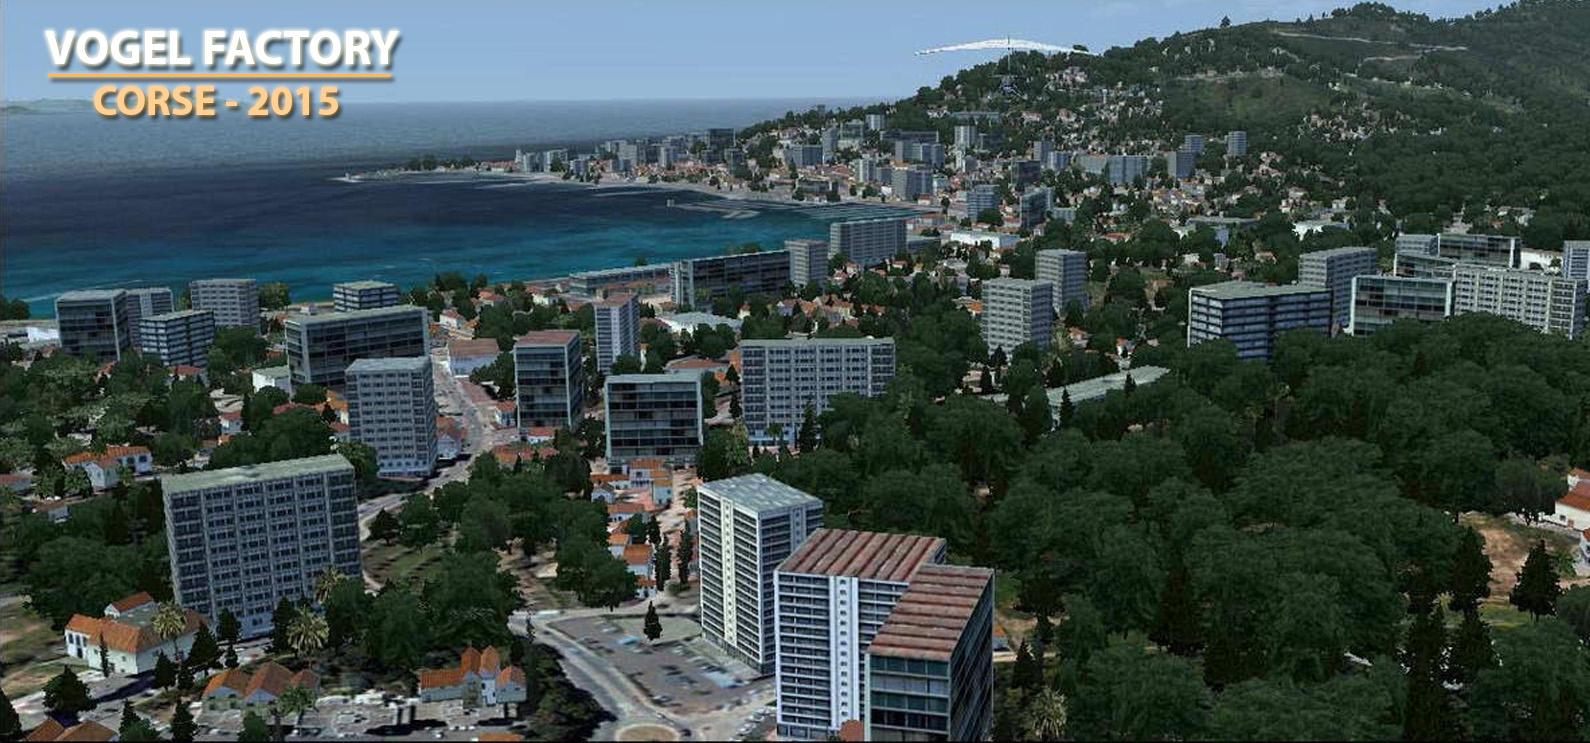 Autogen Complet] - Corse : version 2015 + Rev2017 pour P3Dv4